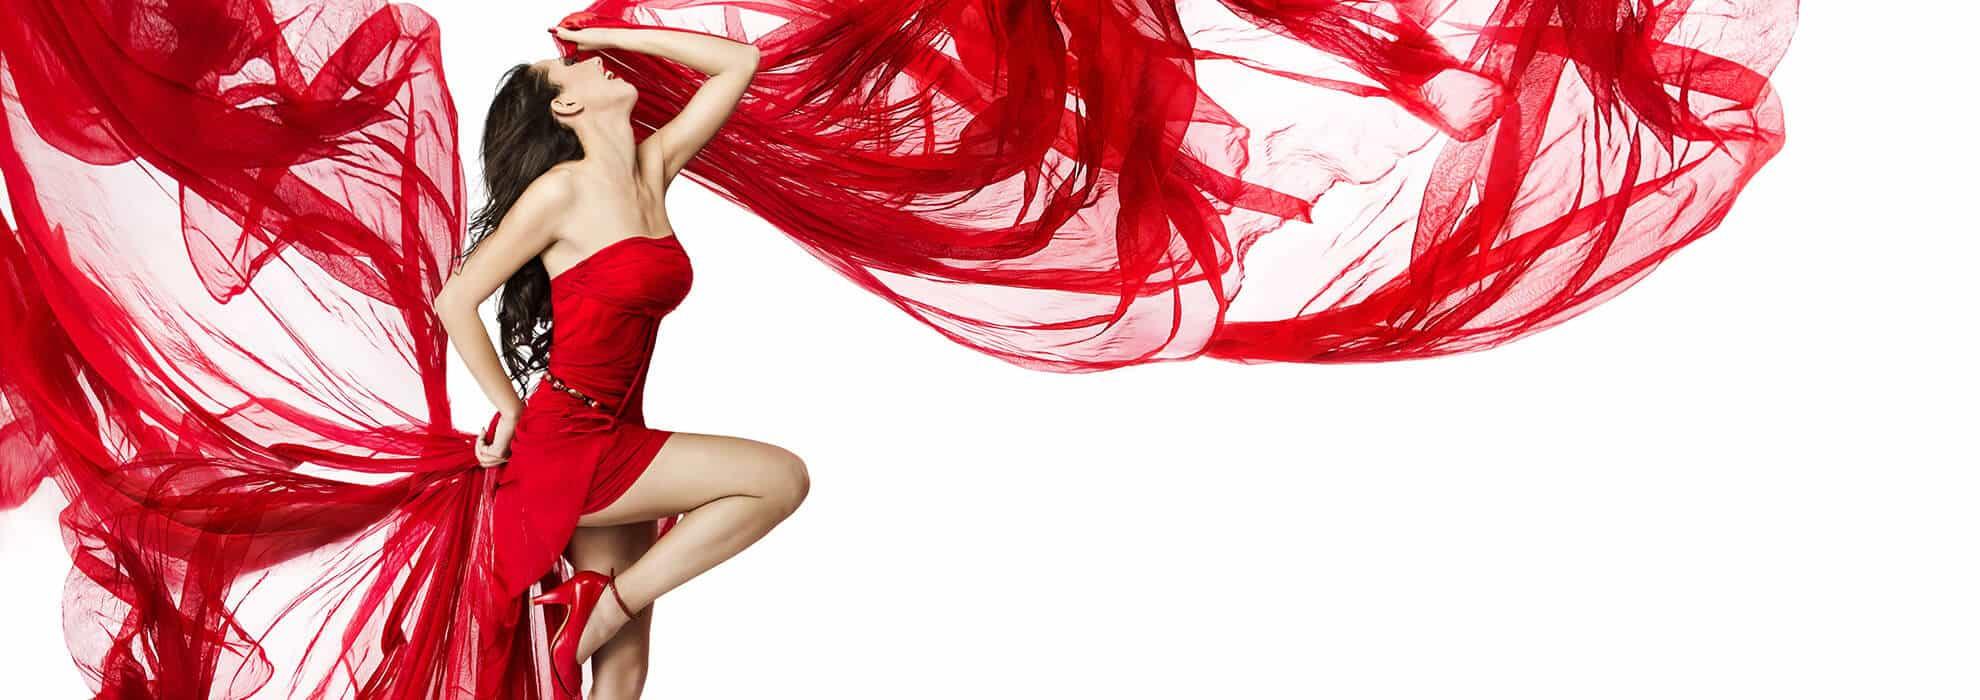 rotes festliches kleid